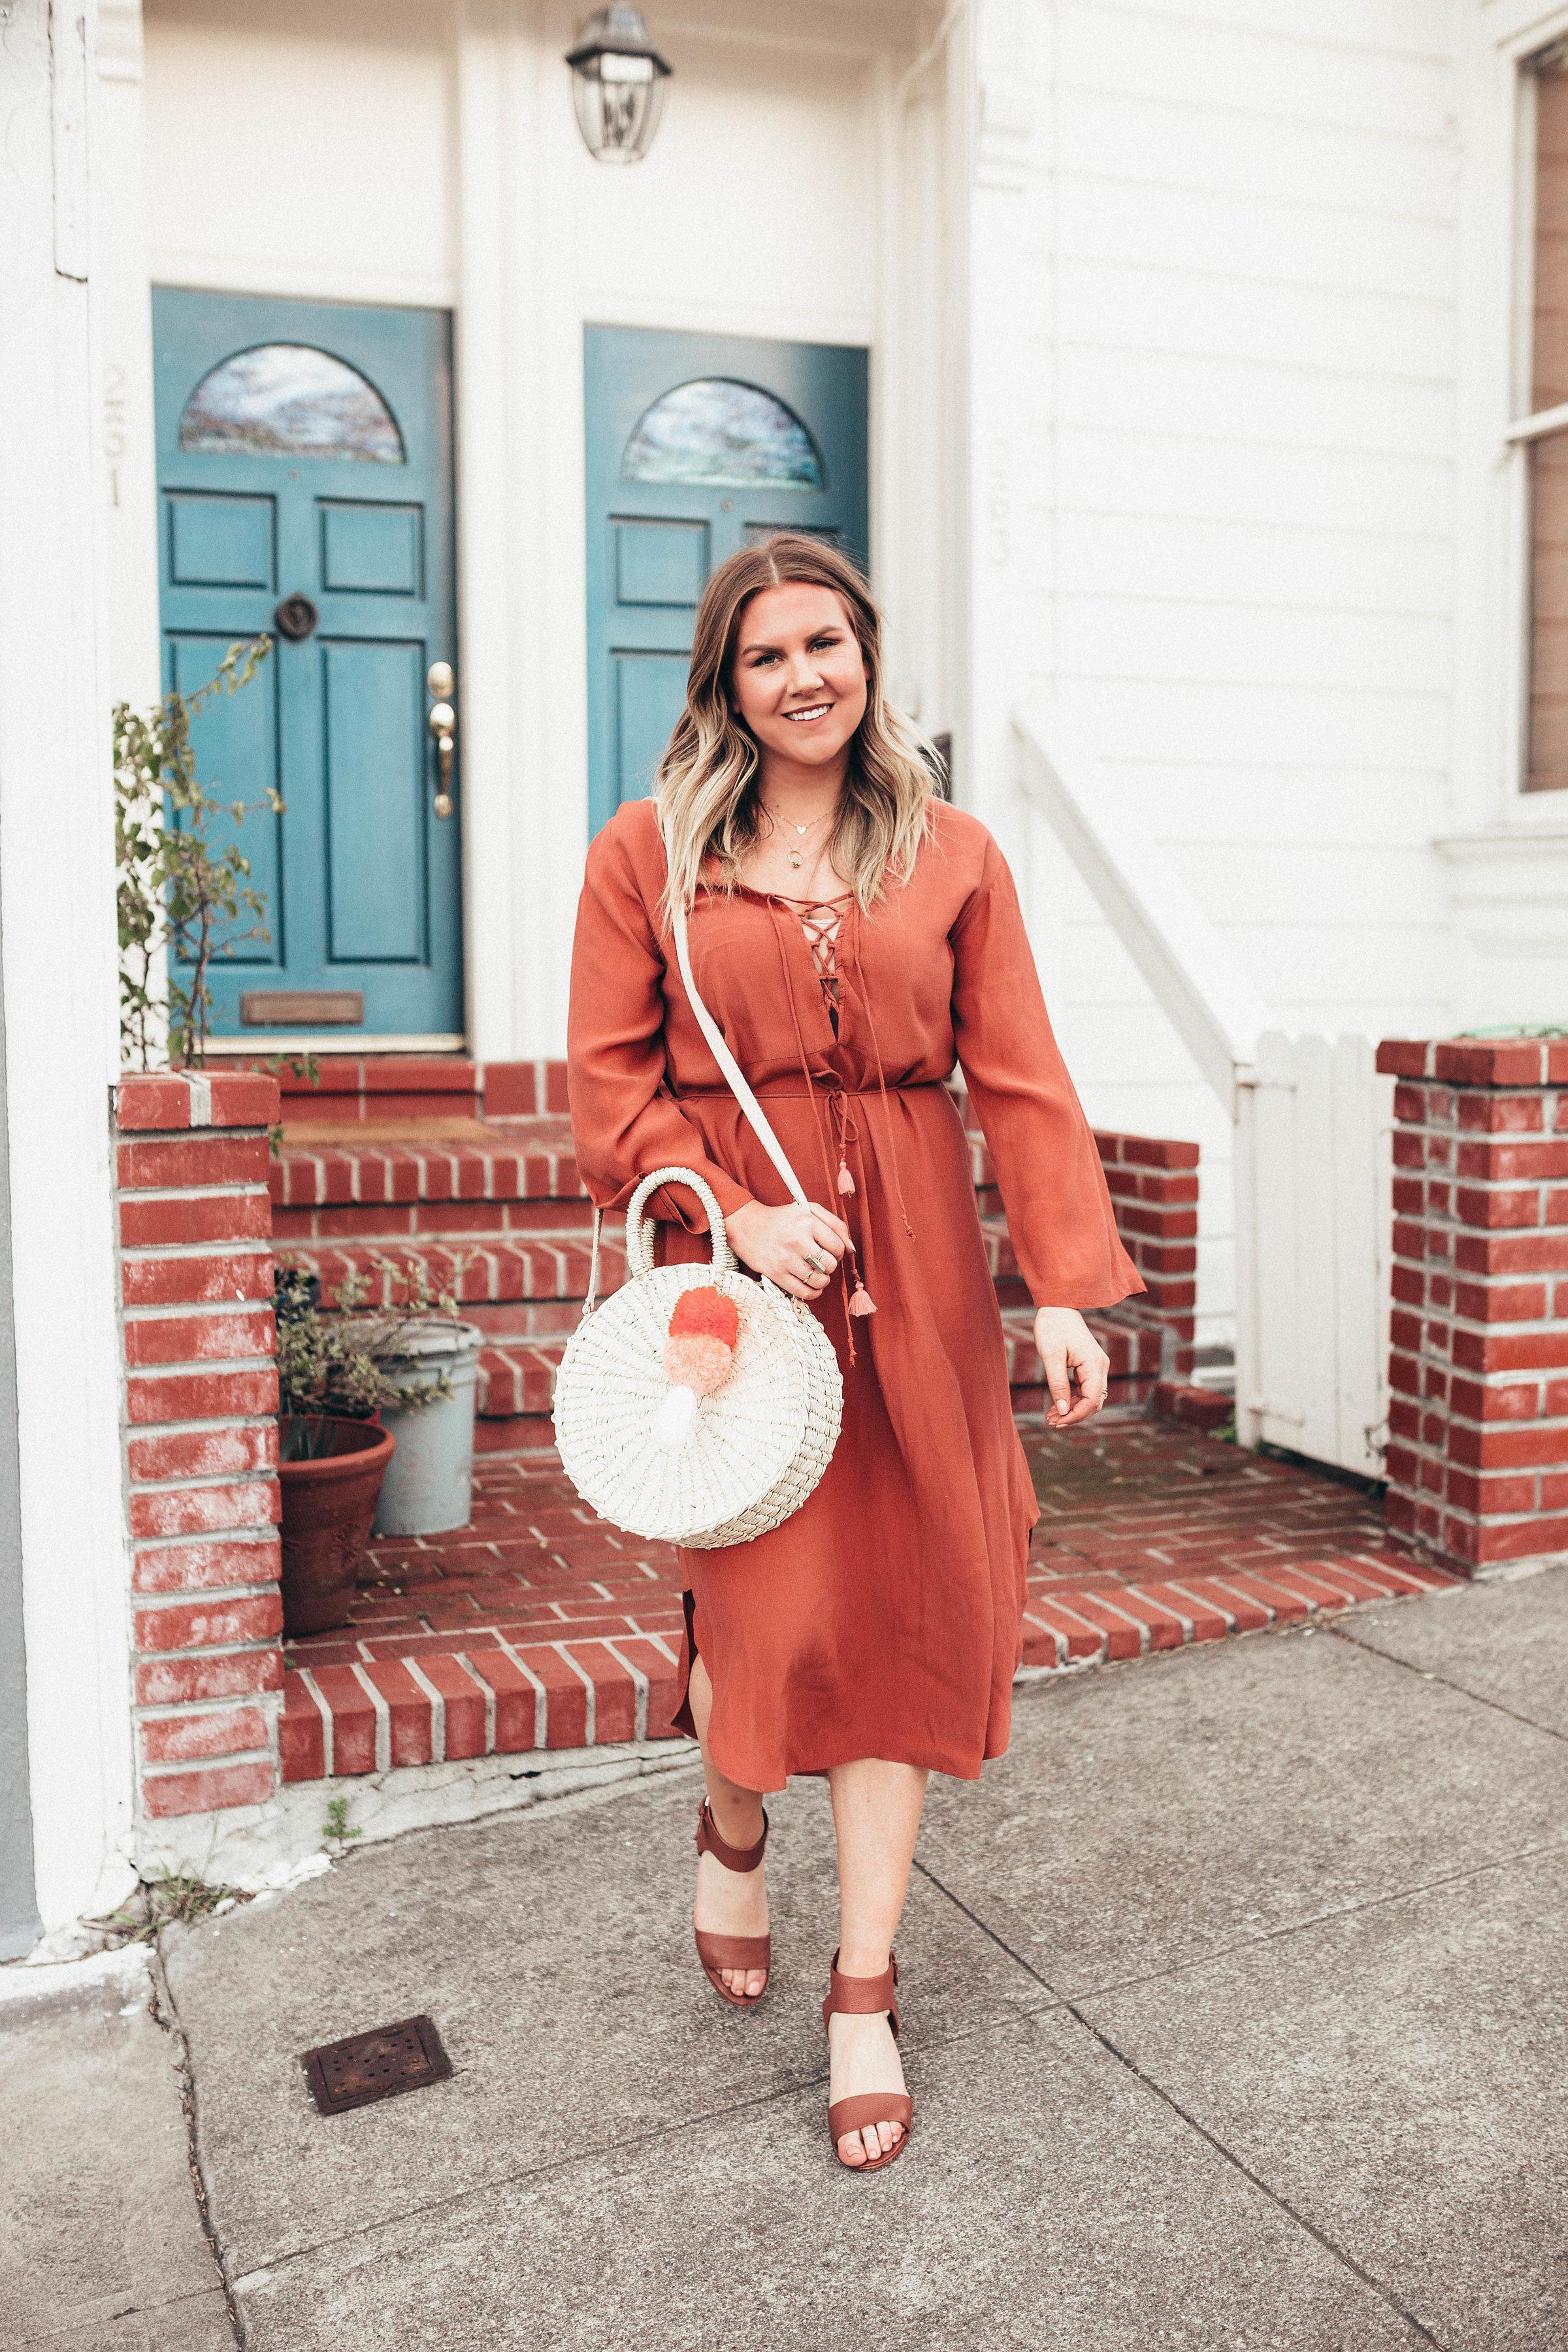 via Thea Spring Dress